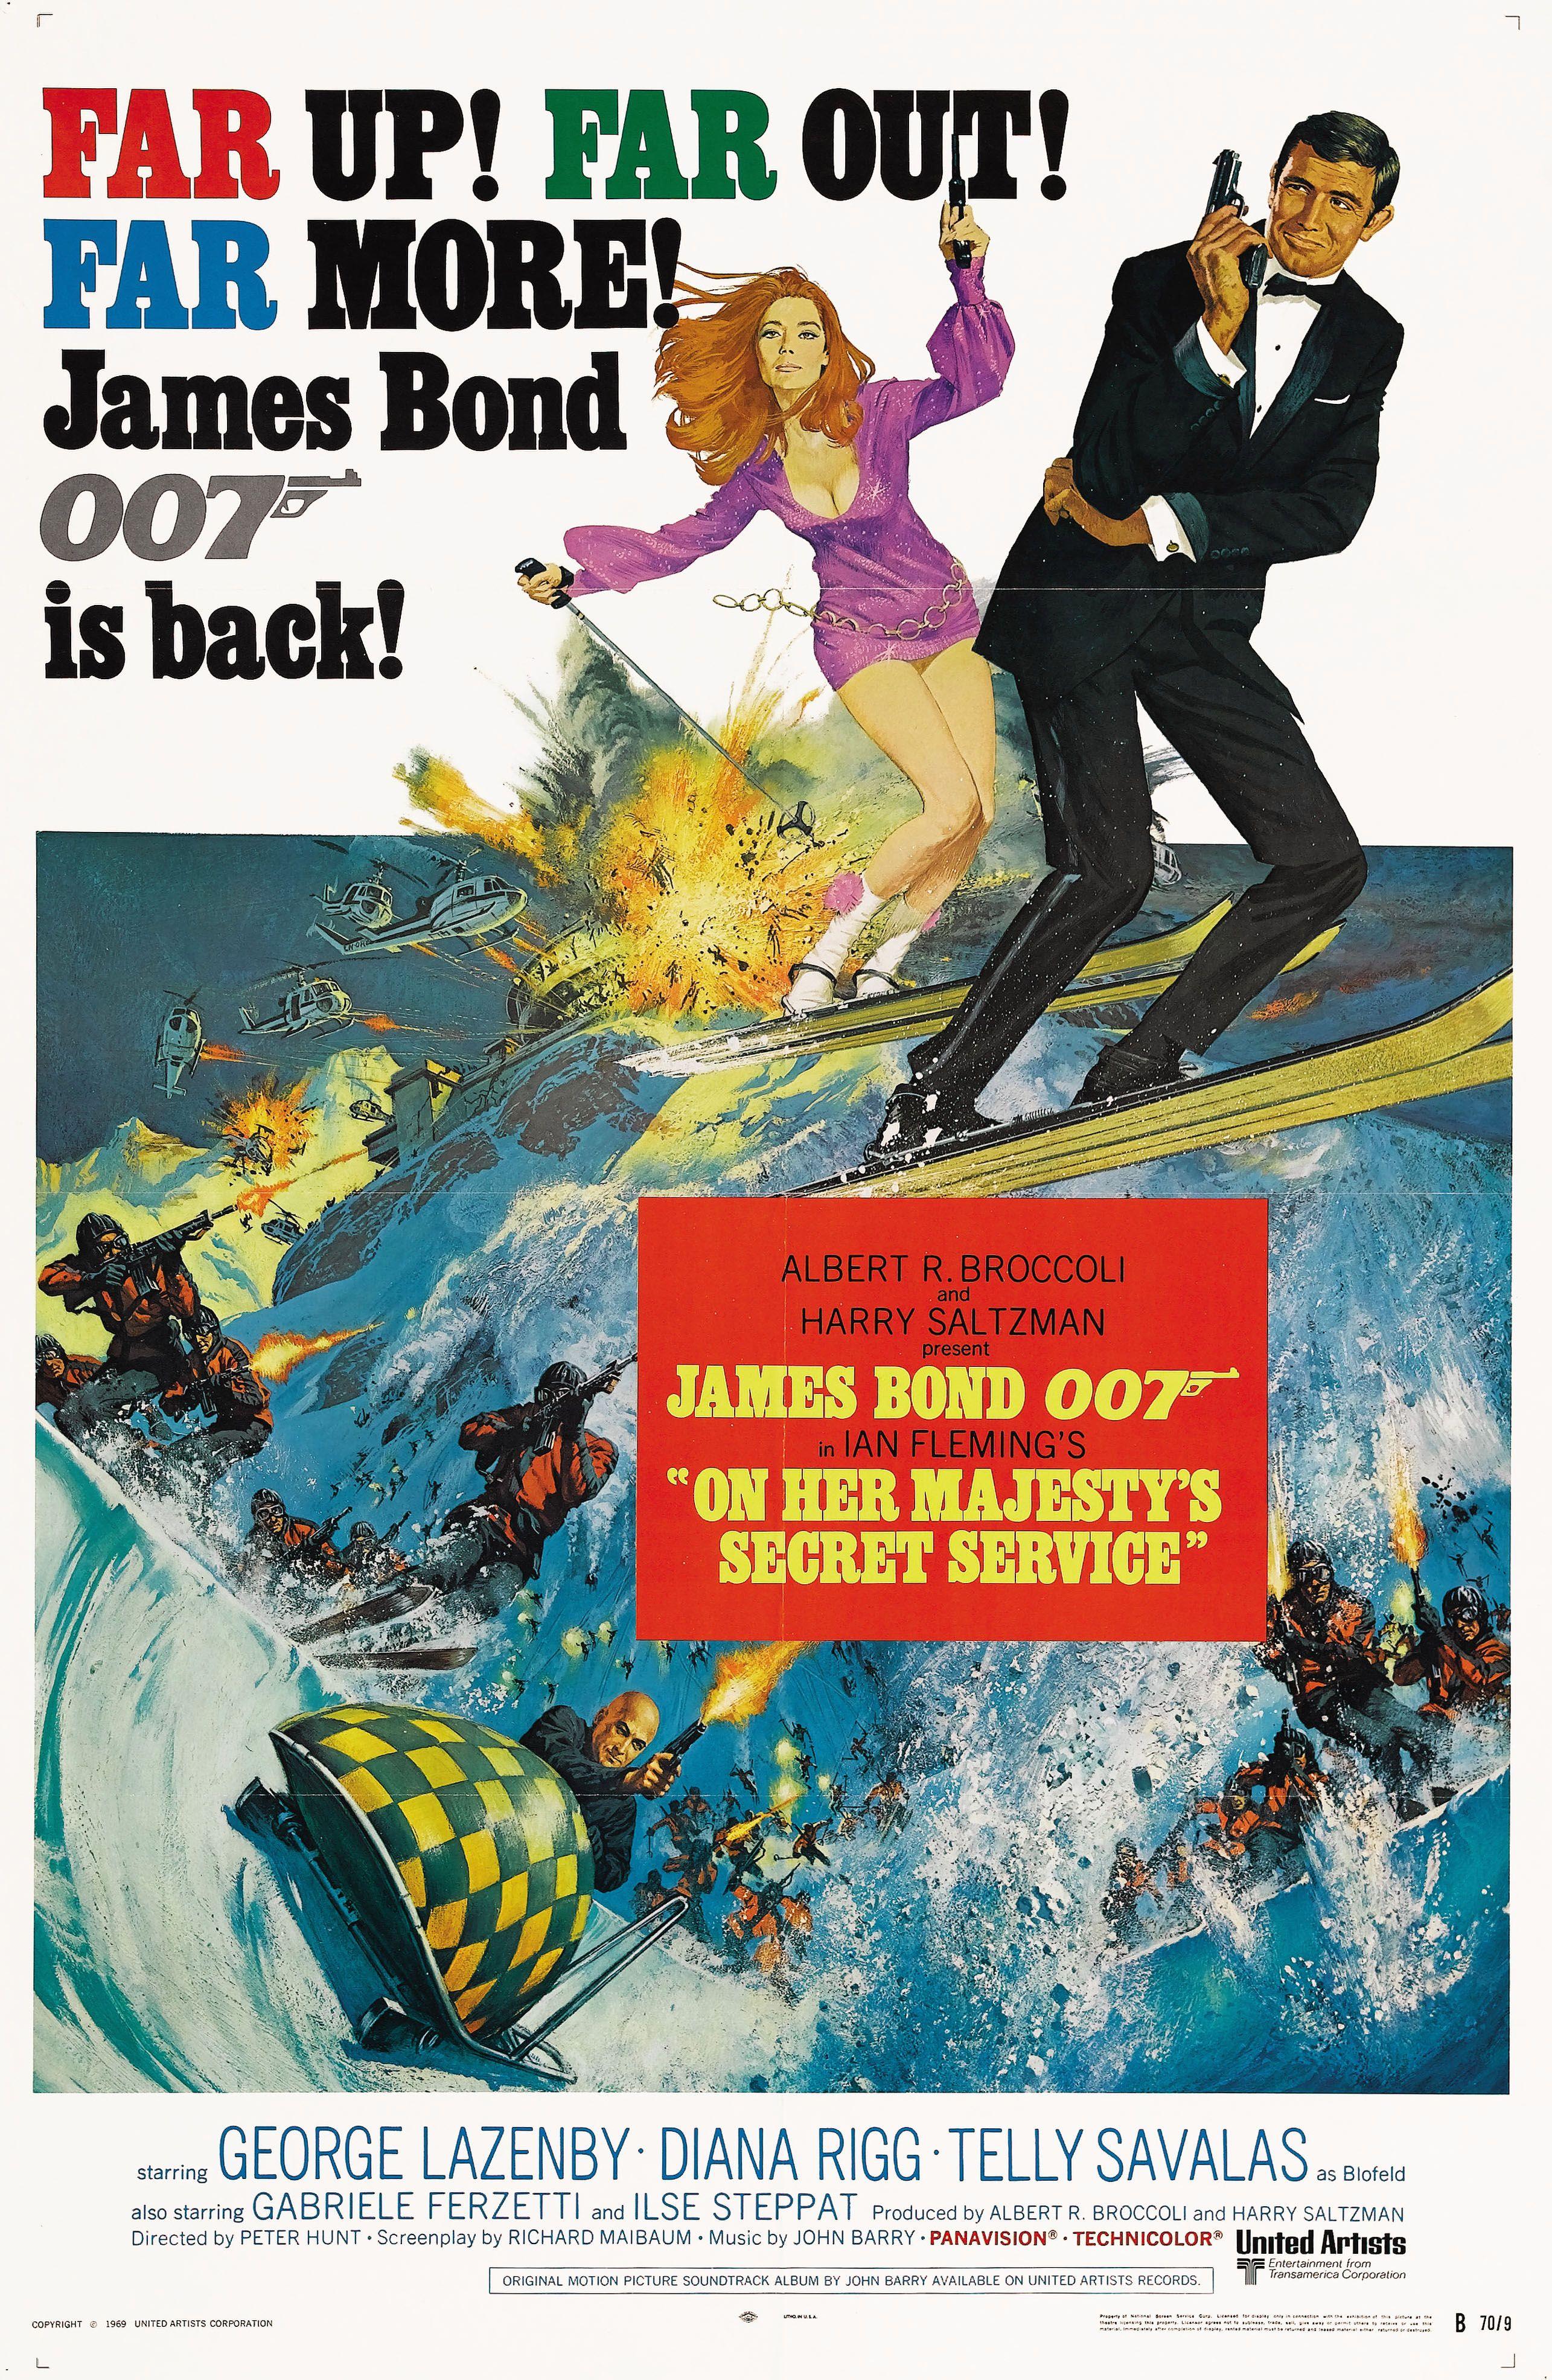 George Lazenby: El 007 despistado